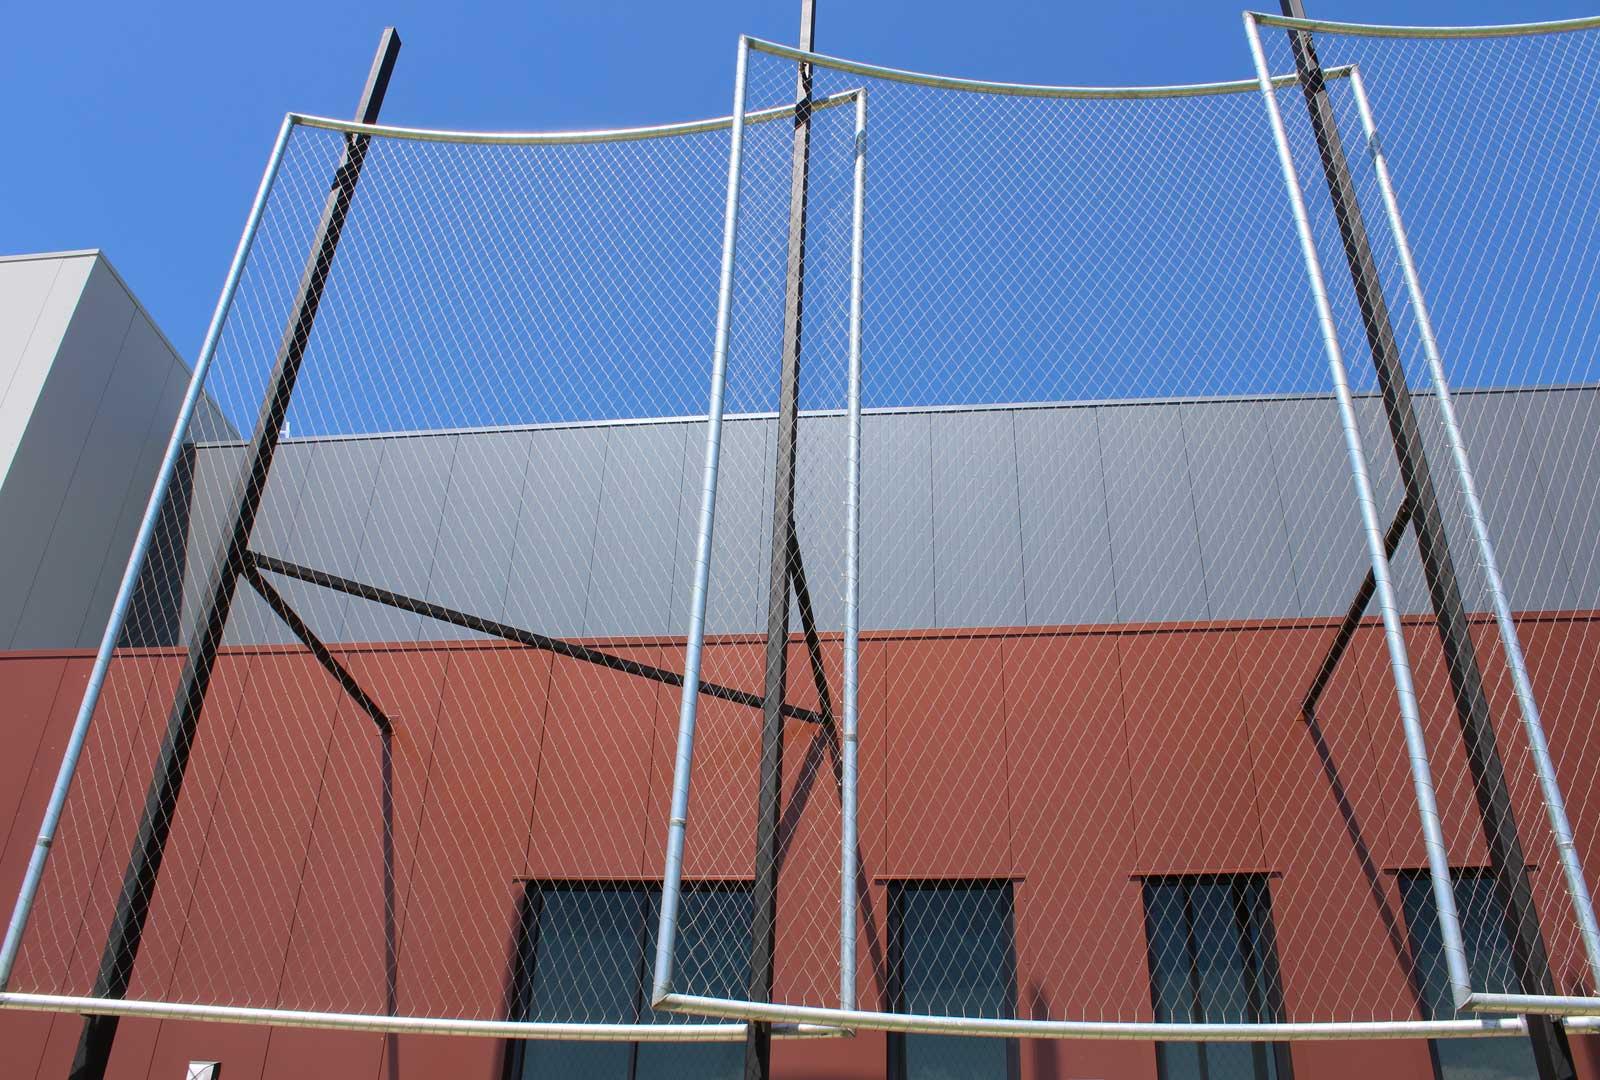 Webnet Ball Screens